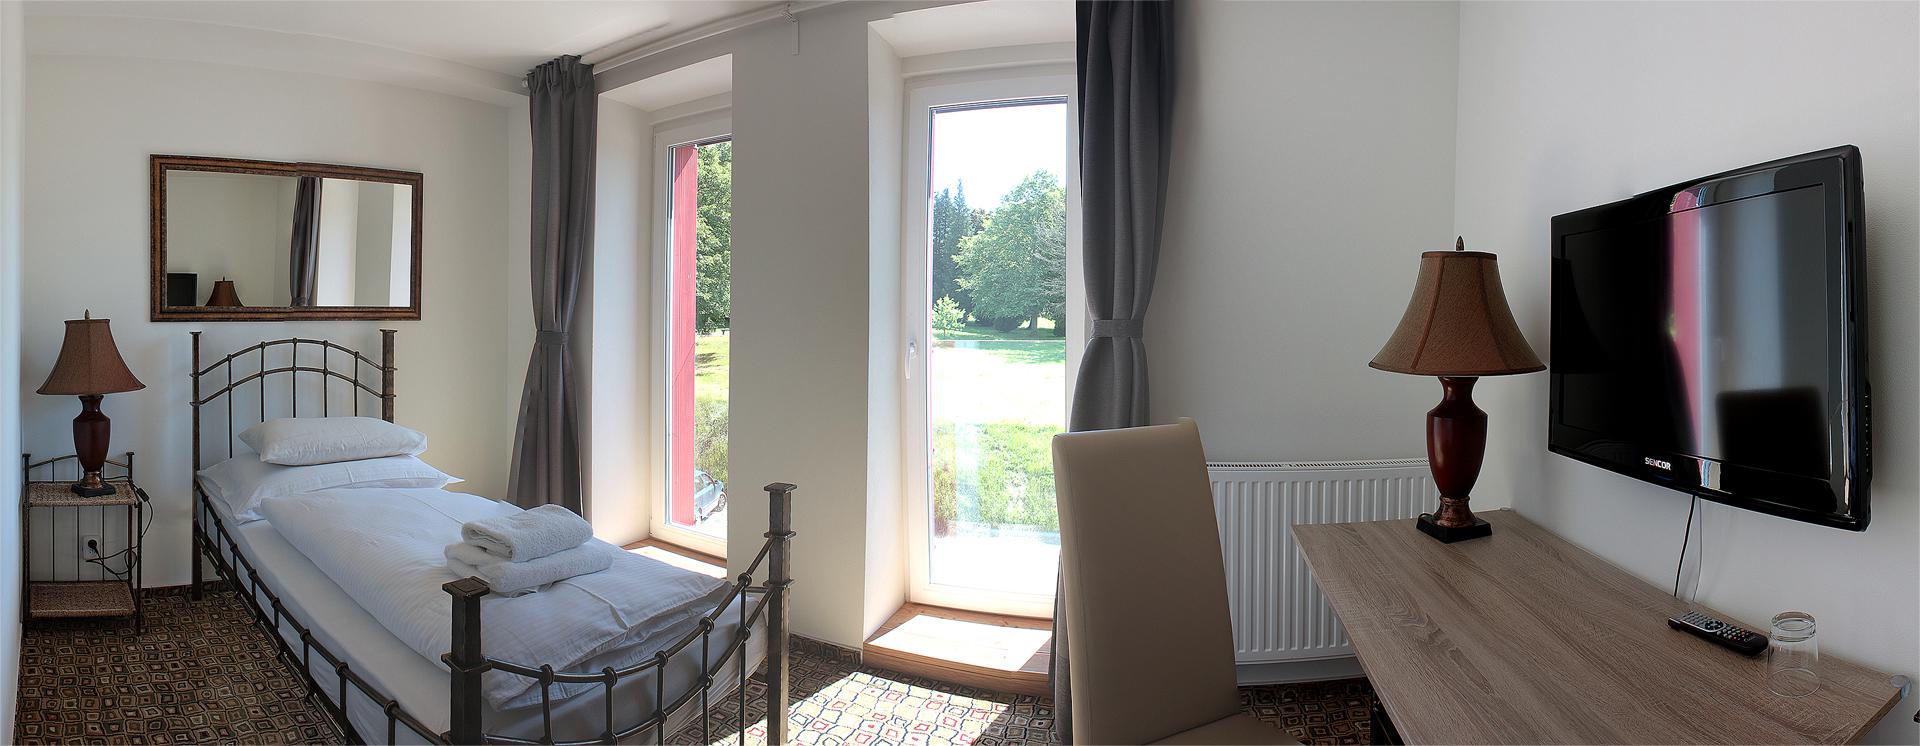 Hotel BouCZECH *** - jednolůžkový pokoj